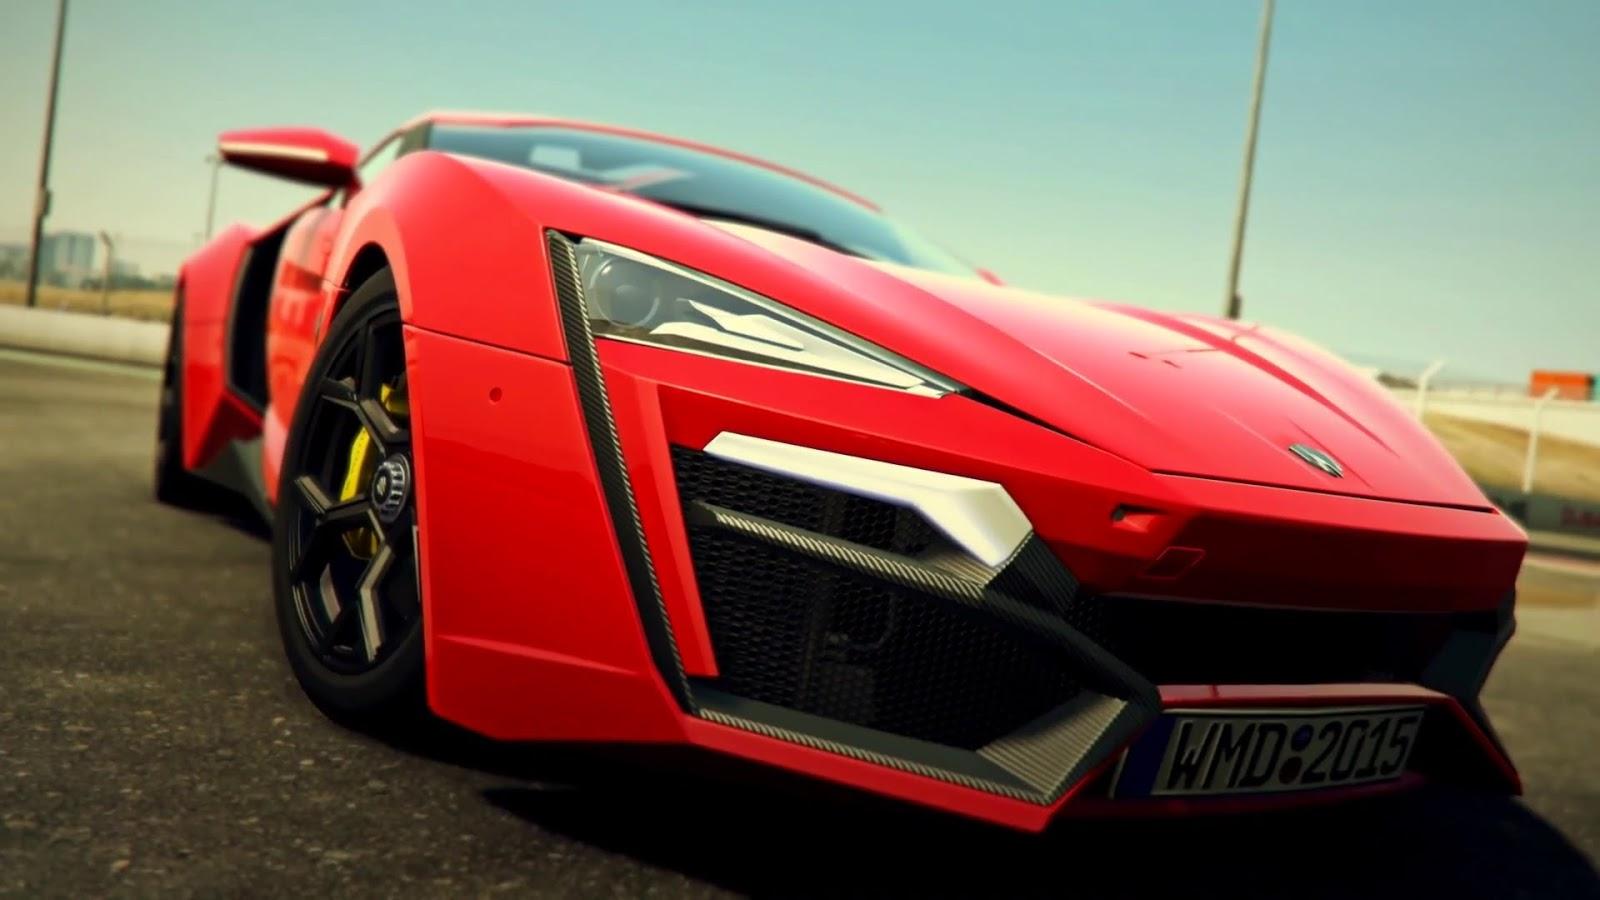 Kumpulan Gambar Mobil Fast Furious 7 Terbaru T Mobile Daily News